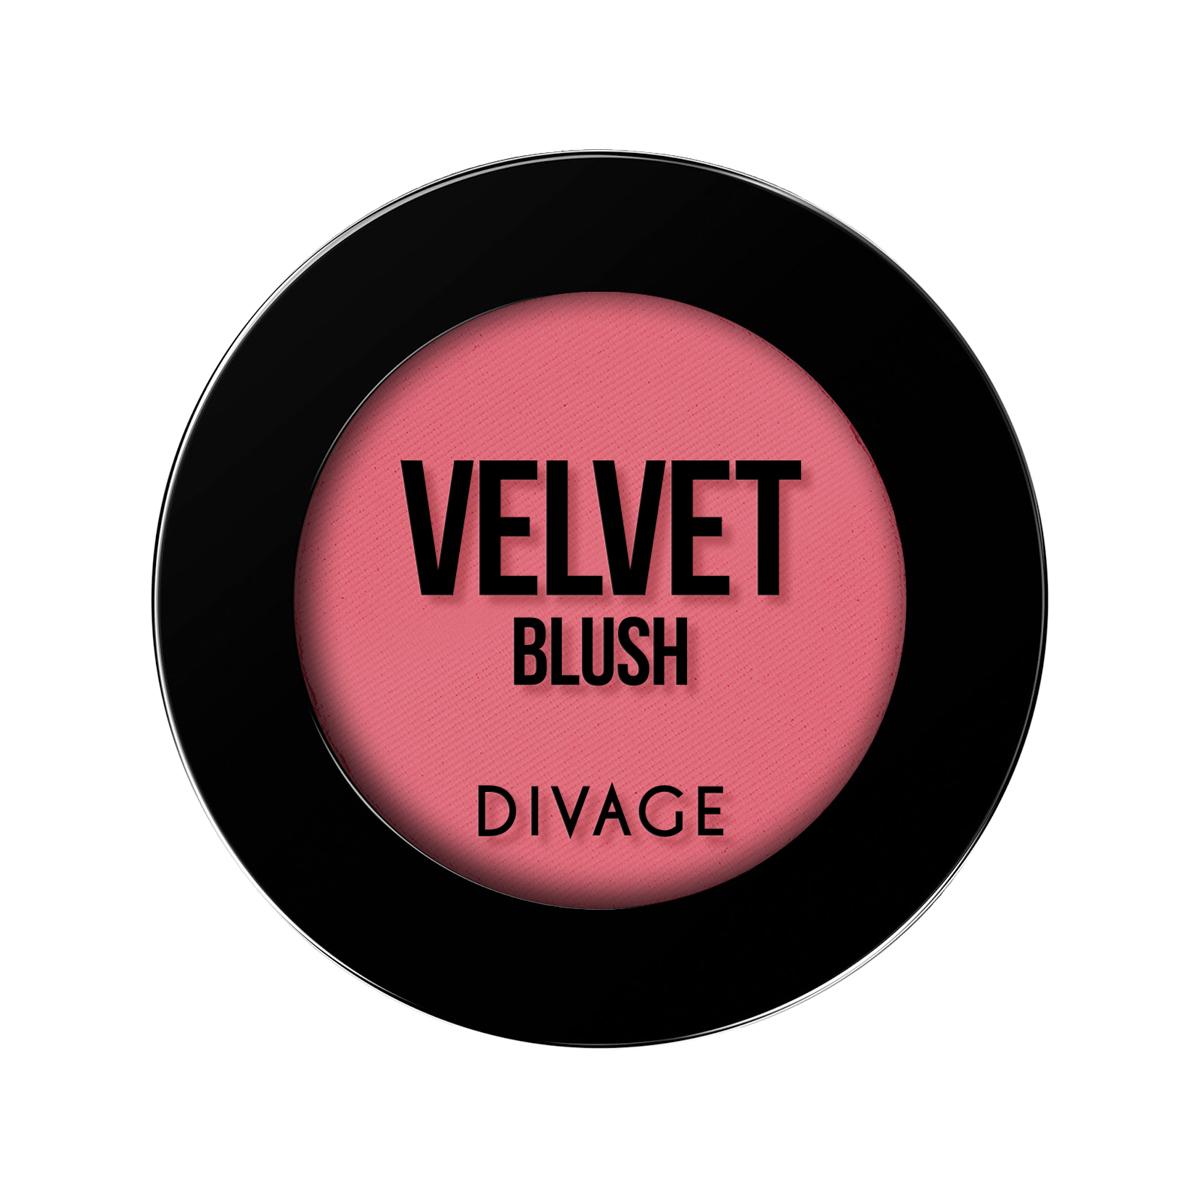 DIVAGE Румяна компактные VELVET, тон № 8704, 4 гр.215038Румяна VELVET - это естественный оттенок утренней свежести, придающий лицу сияющий и отдохнувший вид. Румяна с деликатным матовым эффектом создают максимально естественный образ. Формула с мелкодисперсной текстурой не перегружает макияж. Стойкий цветовой пигмент сохраняется в течение всего дня. Палитра из четырёх оттенков позволяет использовать этот продукт как для придания легкого румянца, так и для коррекции овала лица. Свежий, нежный или насыщенный игривый румянец - вот что делает наше лицо по-настоящему светящимся! Больше всего свежести макияжу придадут персиковые и розовые оттенки. Если твоя кожа имеет тёплый бежевый или золотистый оттенок, выбирай персиковую палитру румян. Розовый румянец больше подойдет девушкам с холодным оттенком кожи. Цветные румяна наноси по центру щеки, совершая мягкие круговые движения кистью. Коричневые и бронзовые цвета можно использовать в качестве корректирующих румян, накладывая их в зону скулы и по контуру лица